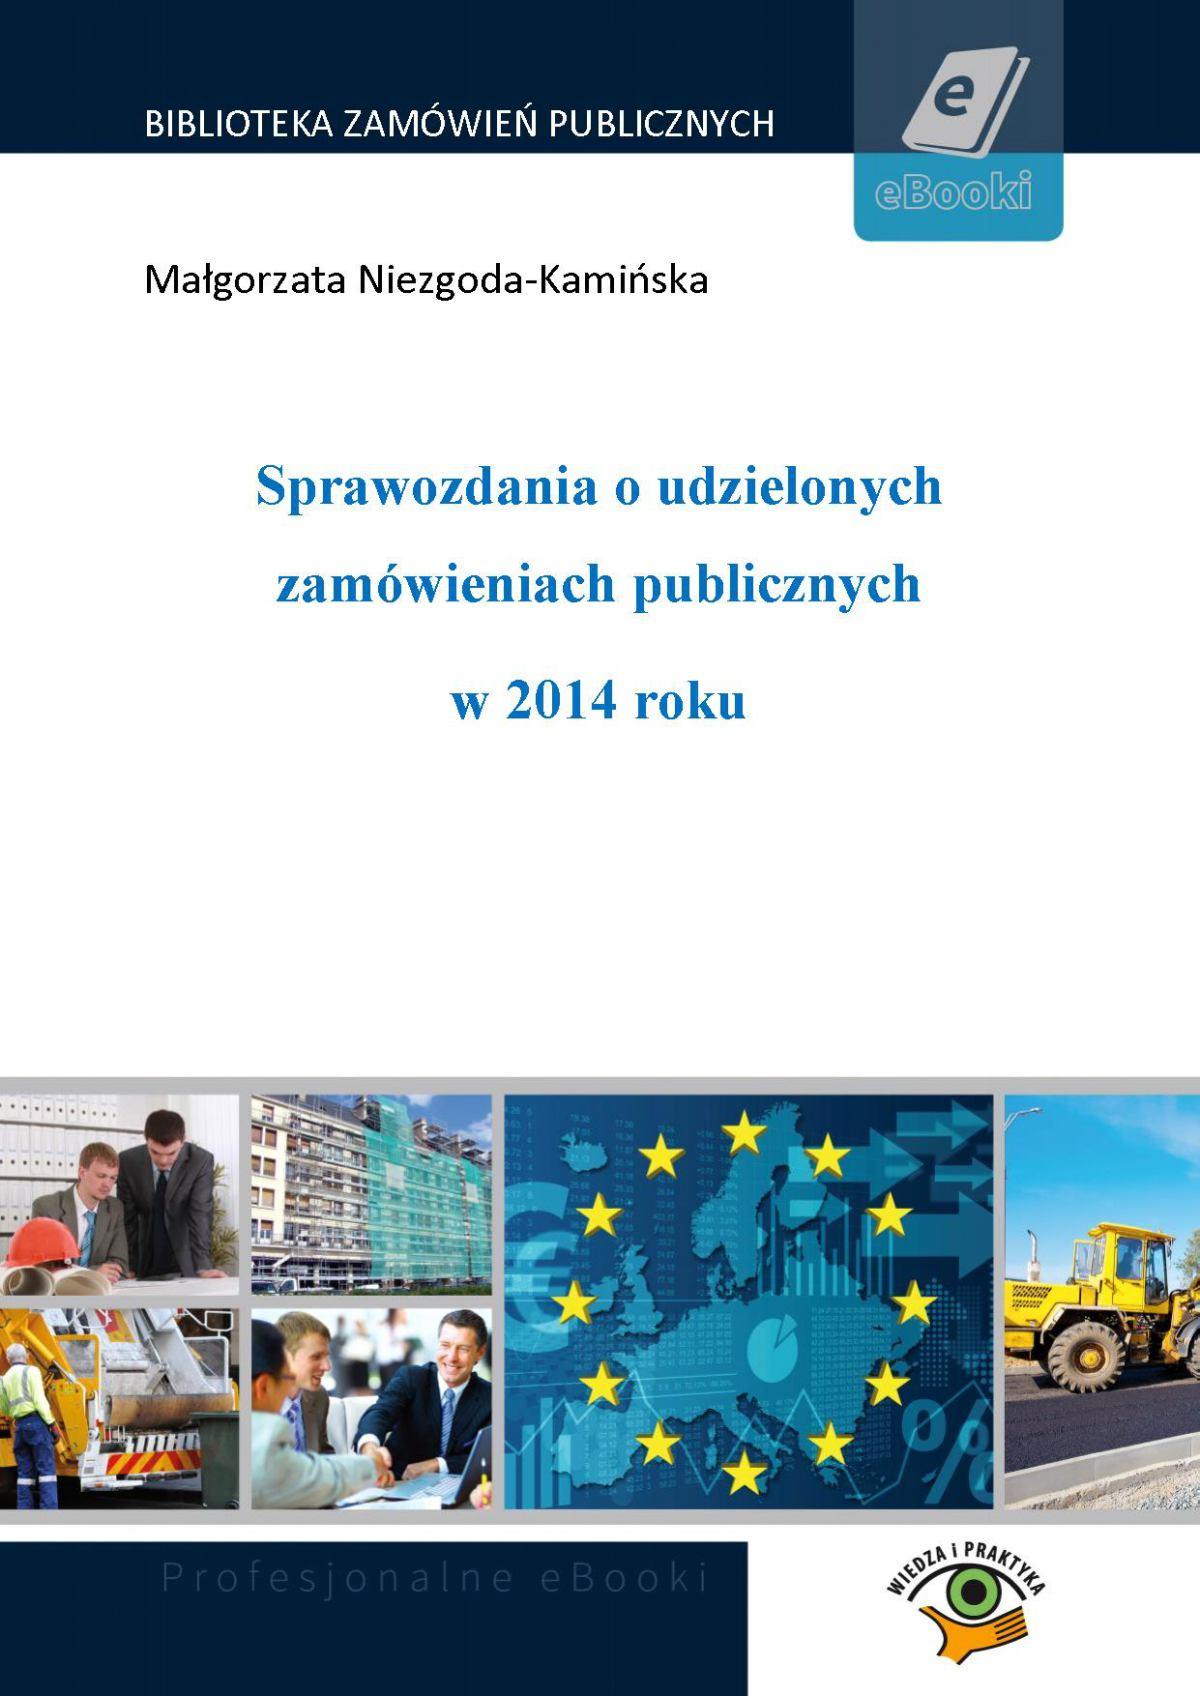 Sprawozdania o udzielonych zamówieniach publicznych  w 2014 roku - Ebook (Książka PDF) do pobrania w formacie PDF